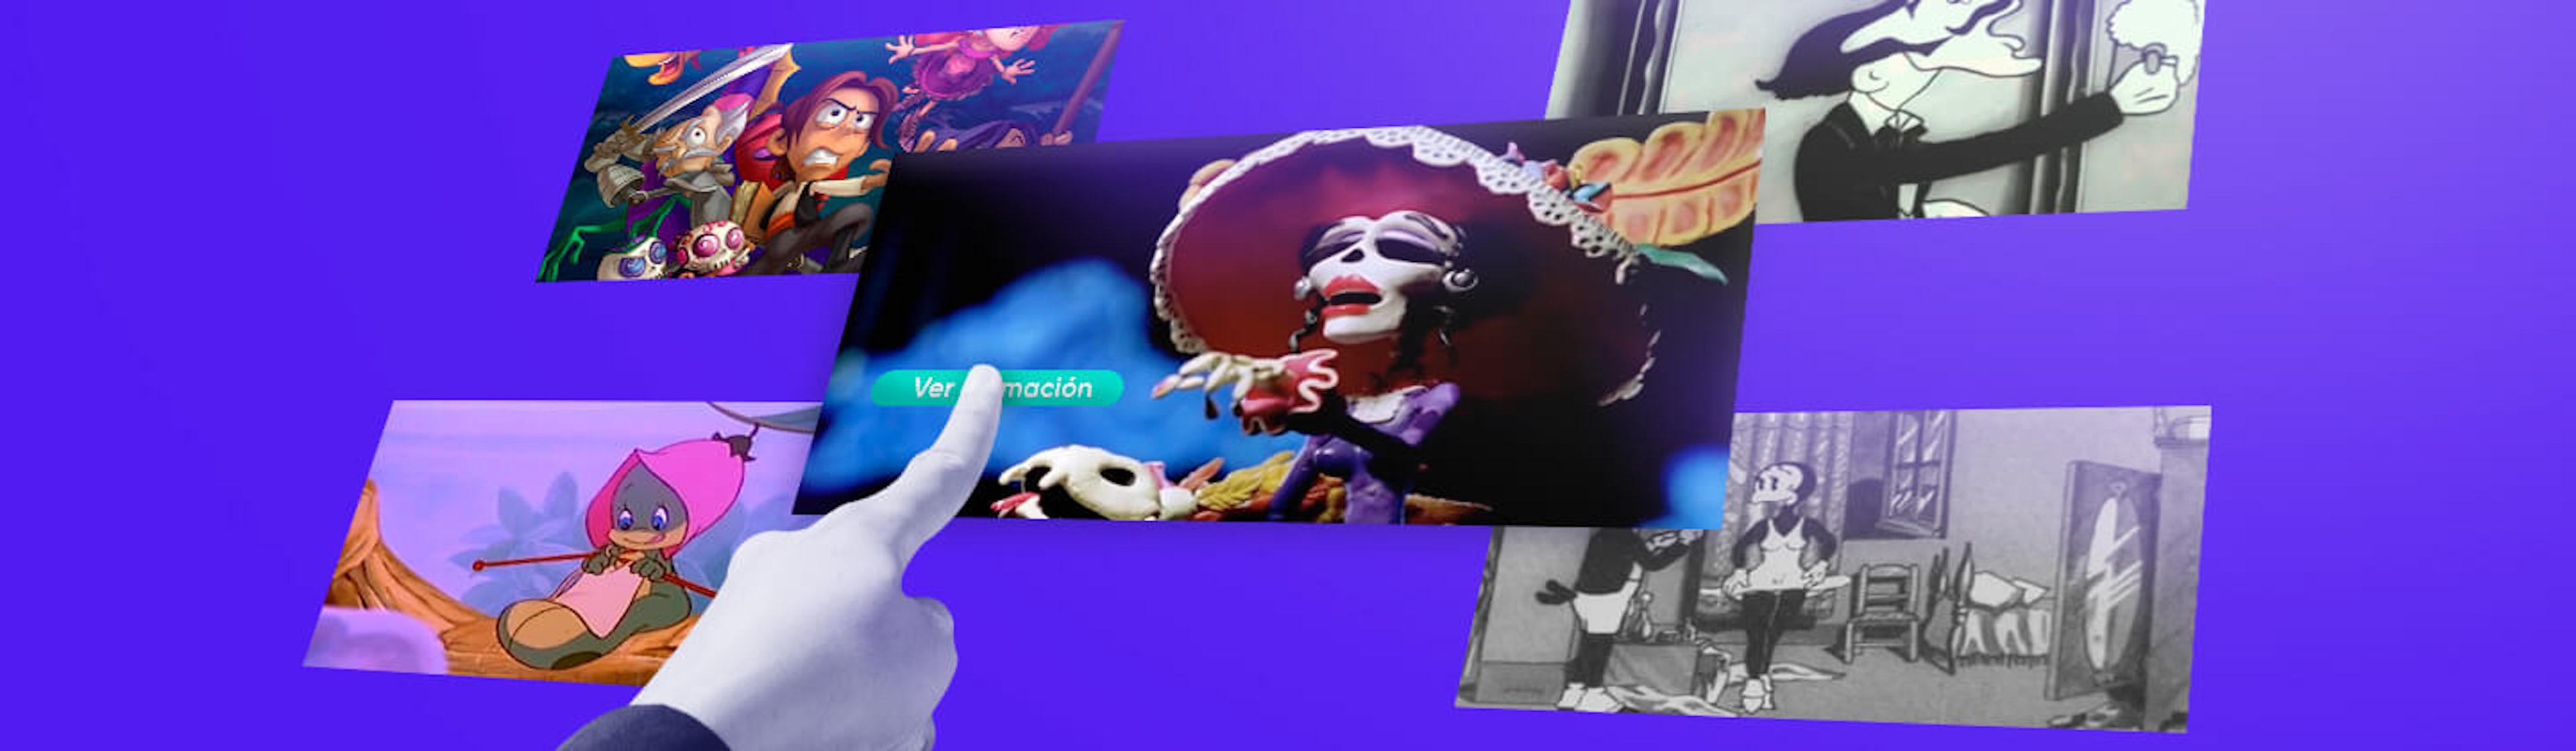 La historia de la animación en México: Un relato que cambió el rumbo del cine latinoamericano